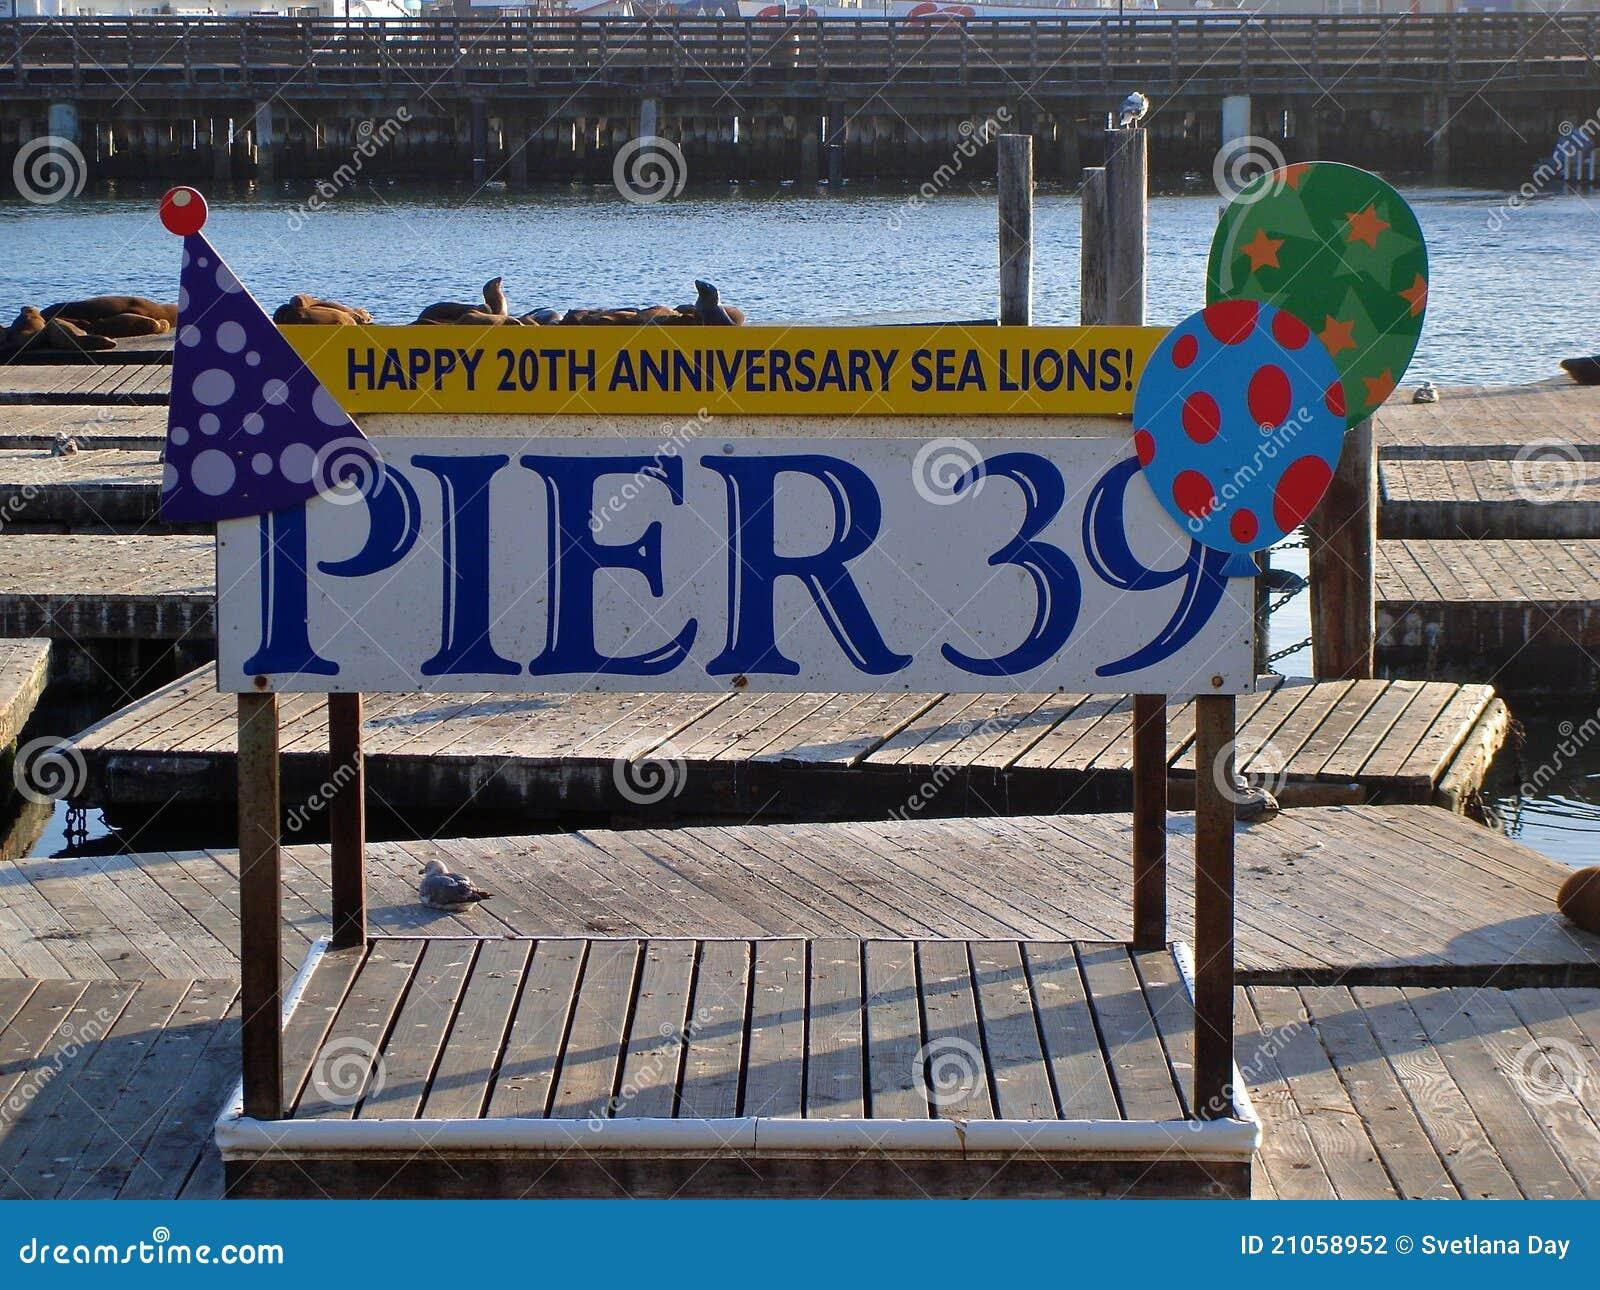 Pijler 39 van San Francisco 20ste Verjaardag